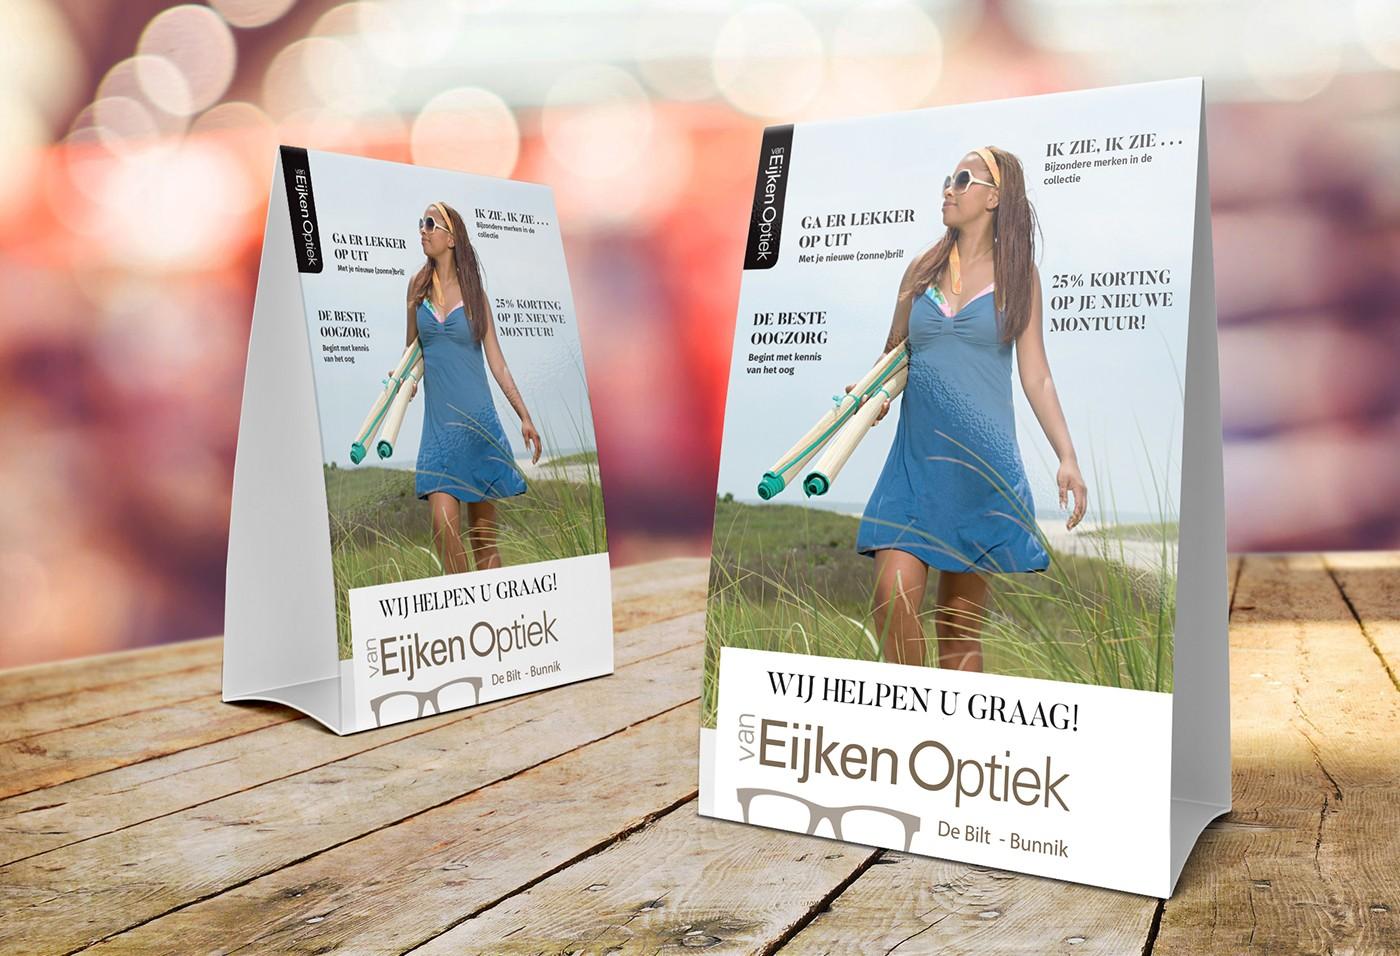 Van_Eijken_display_A5_PSDkopie